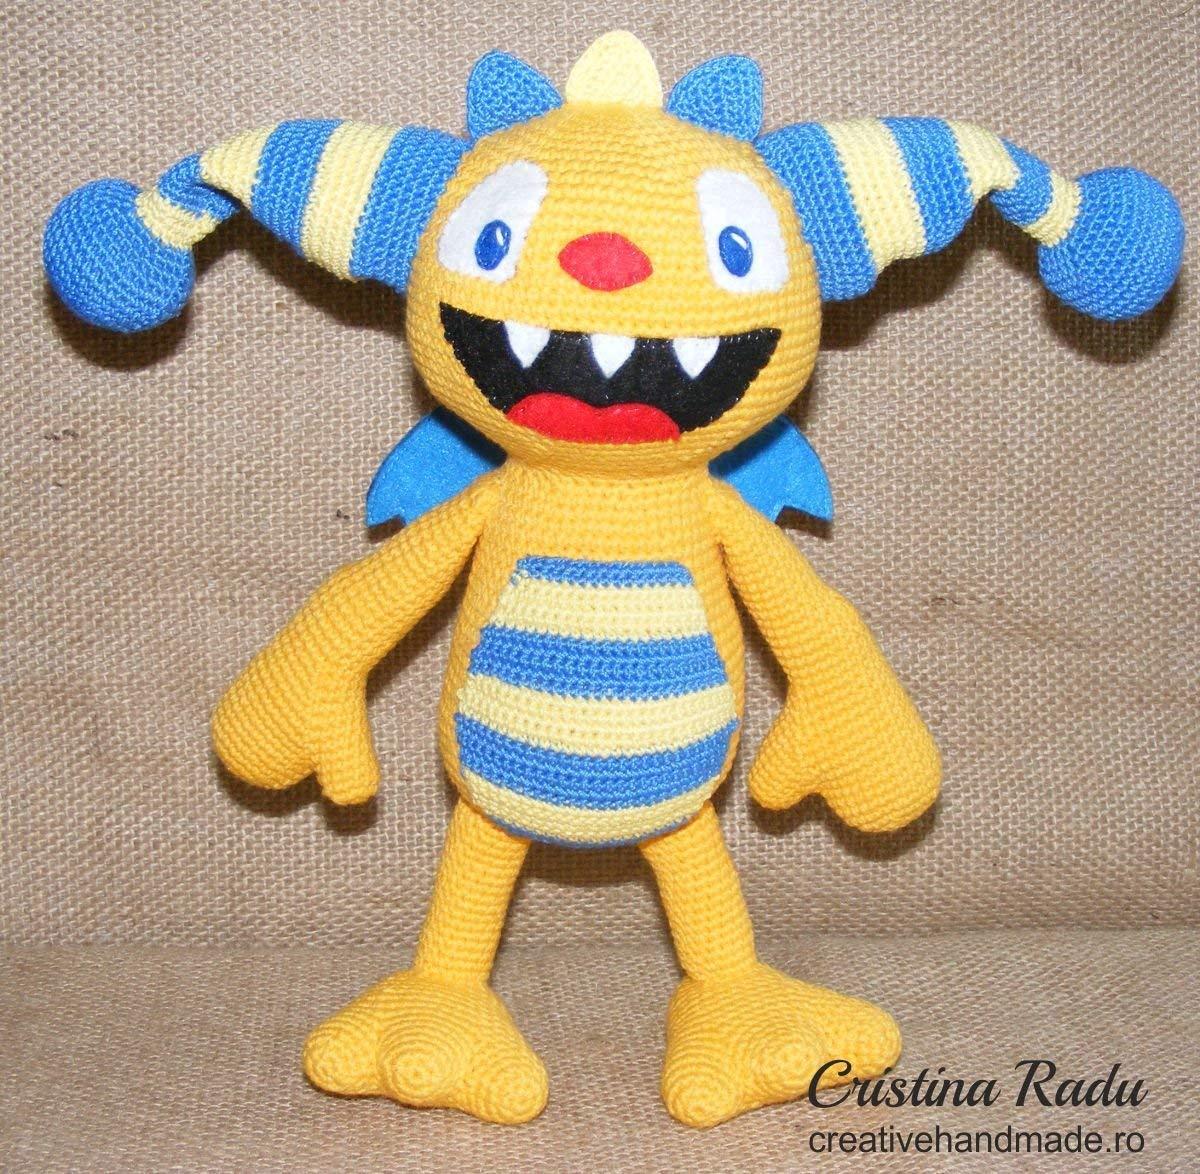 Amigurumi Stuffed Animals & Cuddly Toys Doll Crochet, doll ... | 1174x1200